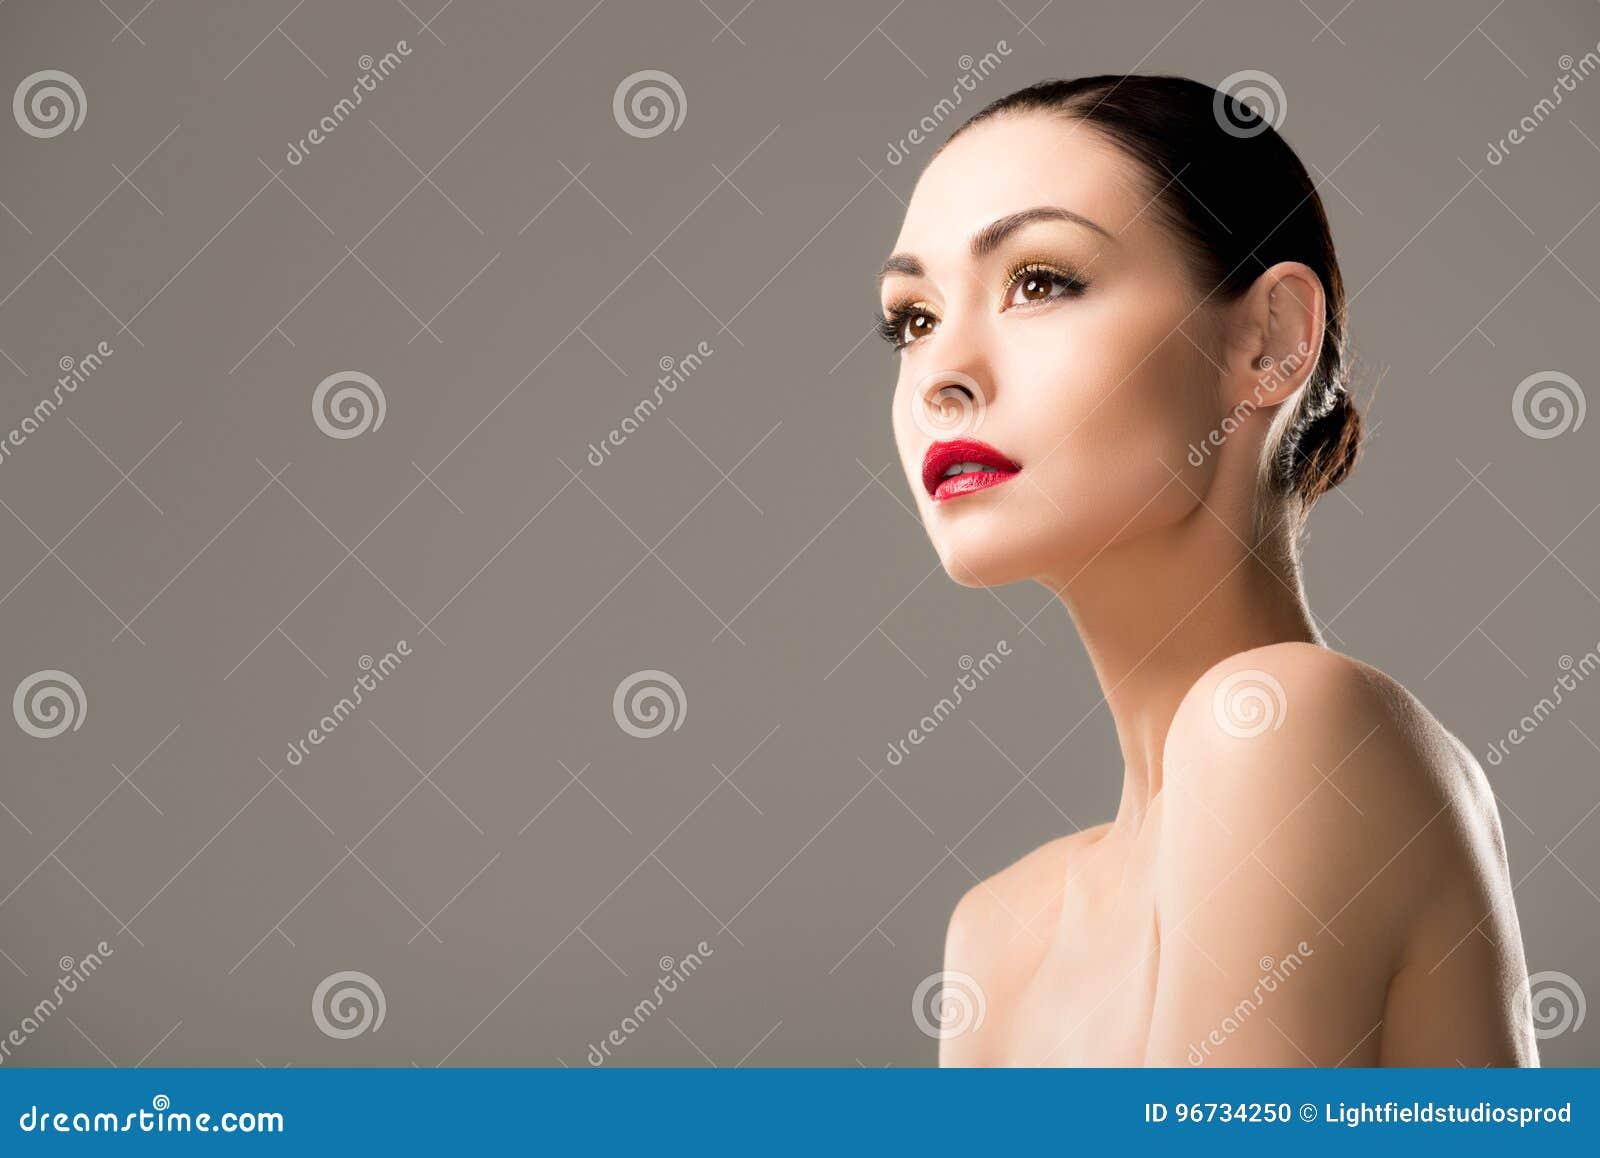 πανέμορφο γυμνό μαύρες γυναίκες μουνί ιππασία λεσβίες